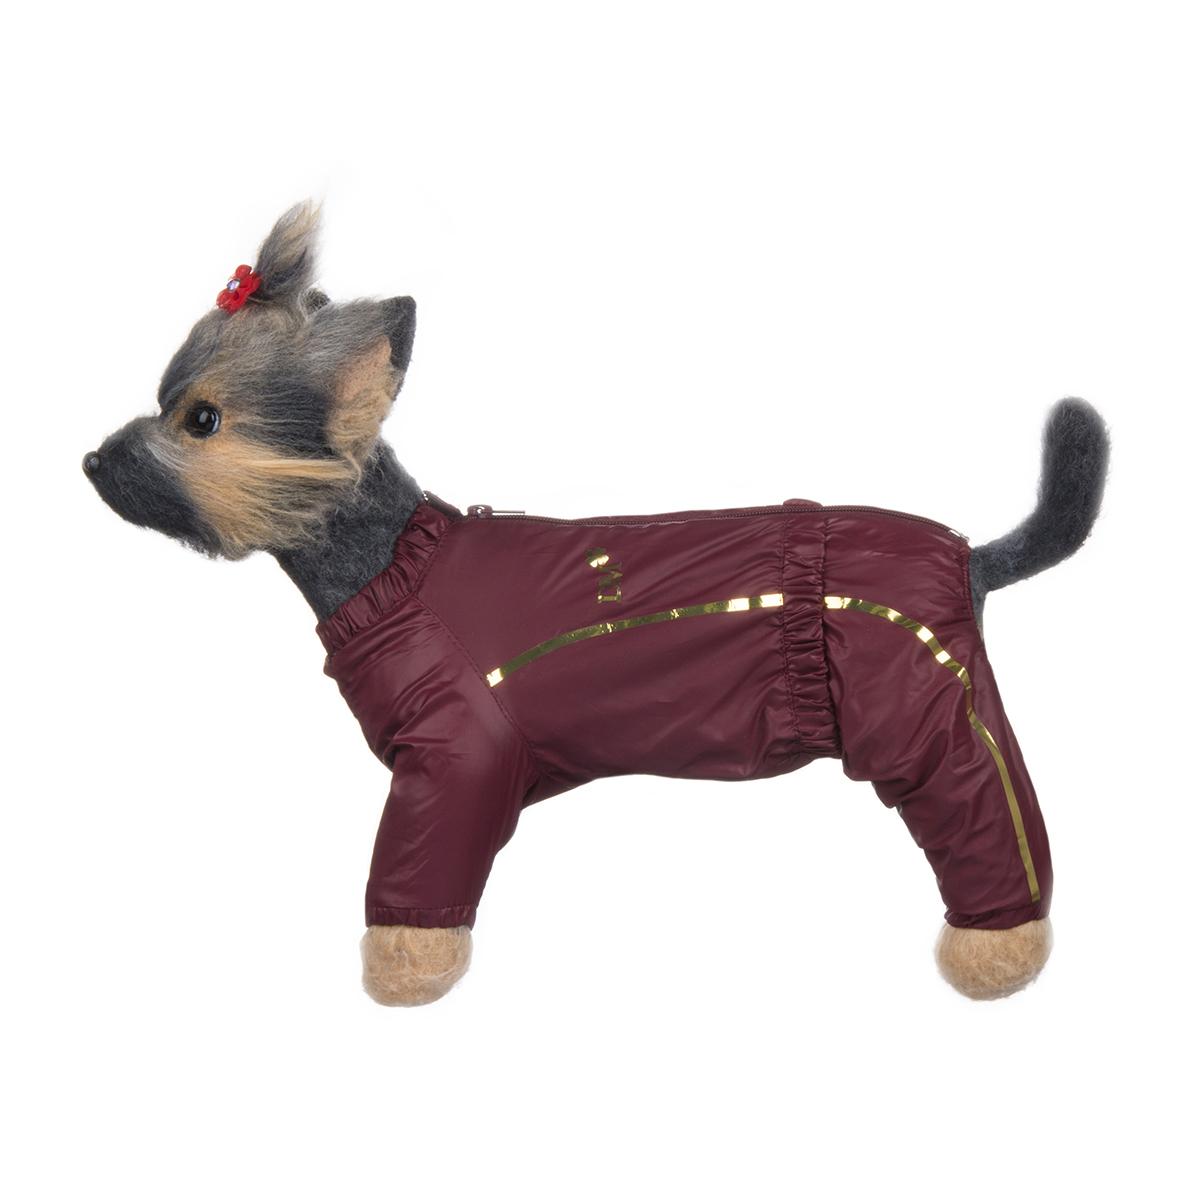 Комбинезон для собак Dogmoda Альпы, для девочки, цвет: бордовый. Размер 1 (S)0120710Комбинезон для собак Dogmoda Альпы отлично подойдет для прогулок поздней осенью или ранней весной.Комбинезон изготовлен из полиэстера, защищающего от ветра и осадков, с подкладкой из флиса, которая сохранит тепло и обеспечит отличный воздухообмен. Комбинезон застегивается на молнию и липучку, благодаря чему его легко надевать и снимать. Ворот, низ рукавов и брючин оснащены внутренними резинками, которые мягко обхватывают шею и лапки, не позволяя просачиваться холодному воздуху. На пояснице имеется внутренняя резинка. Изделие декорировано золотистыми полосками и надписью DM.Благодаря такому комбинезону простуда не грозит вашему питомцу и он не даст любимцу продрогнуть на прогулке.